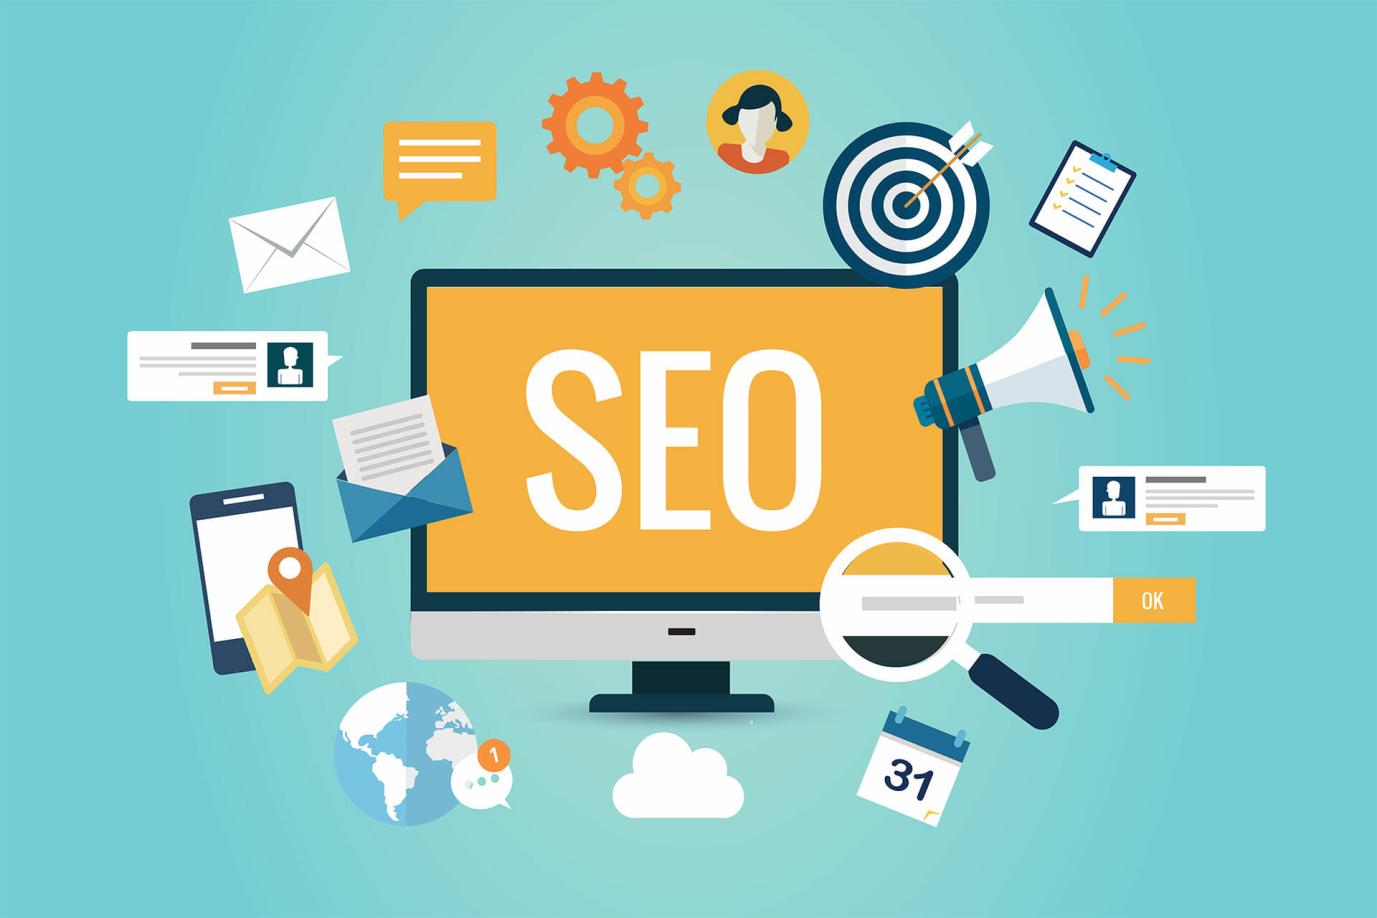 Dịch vụ seo giúp website của doanh nghiệp bạn tăng thứ hạng tìm kiếm